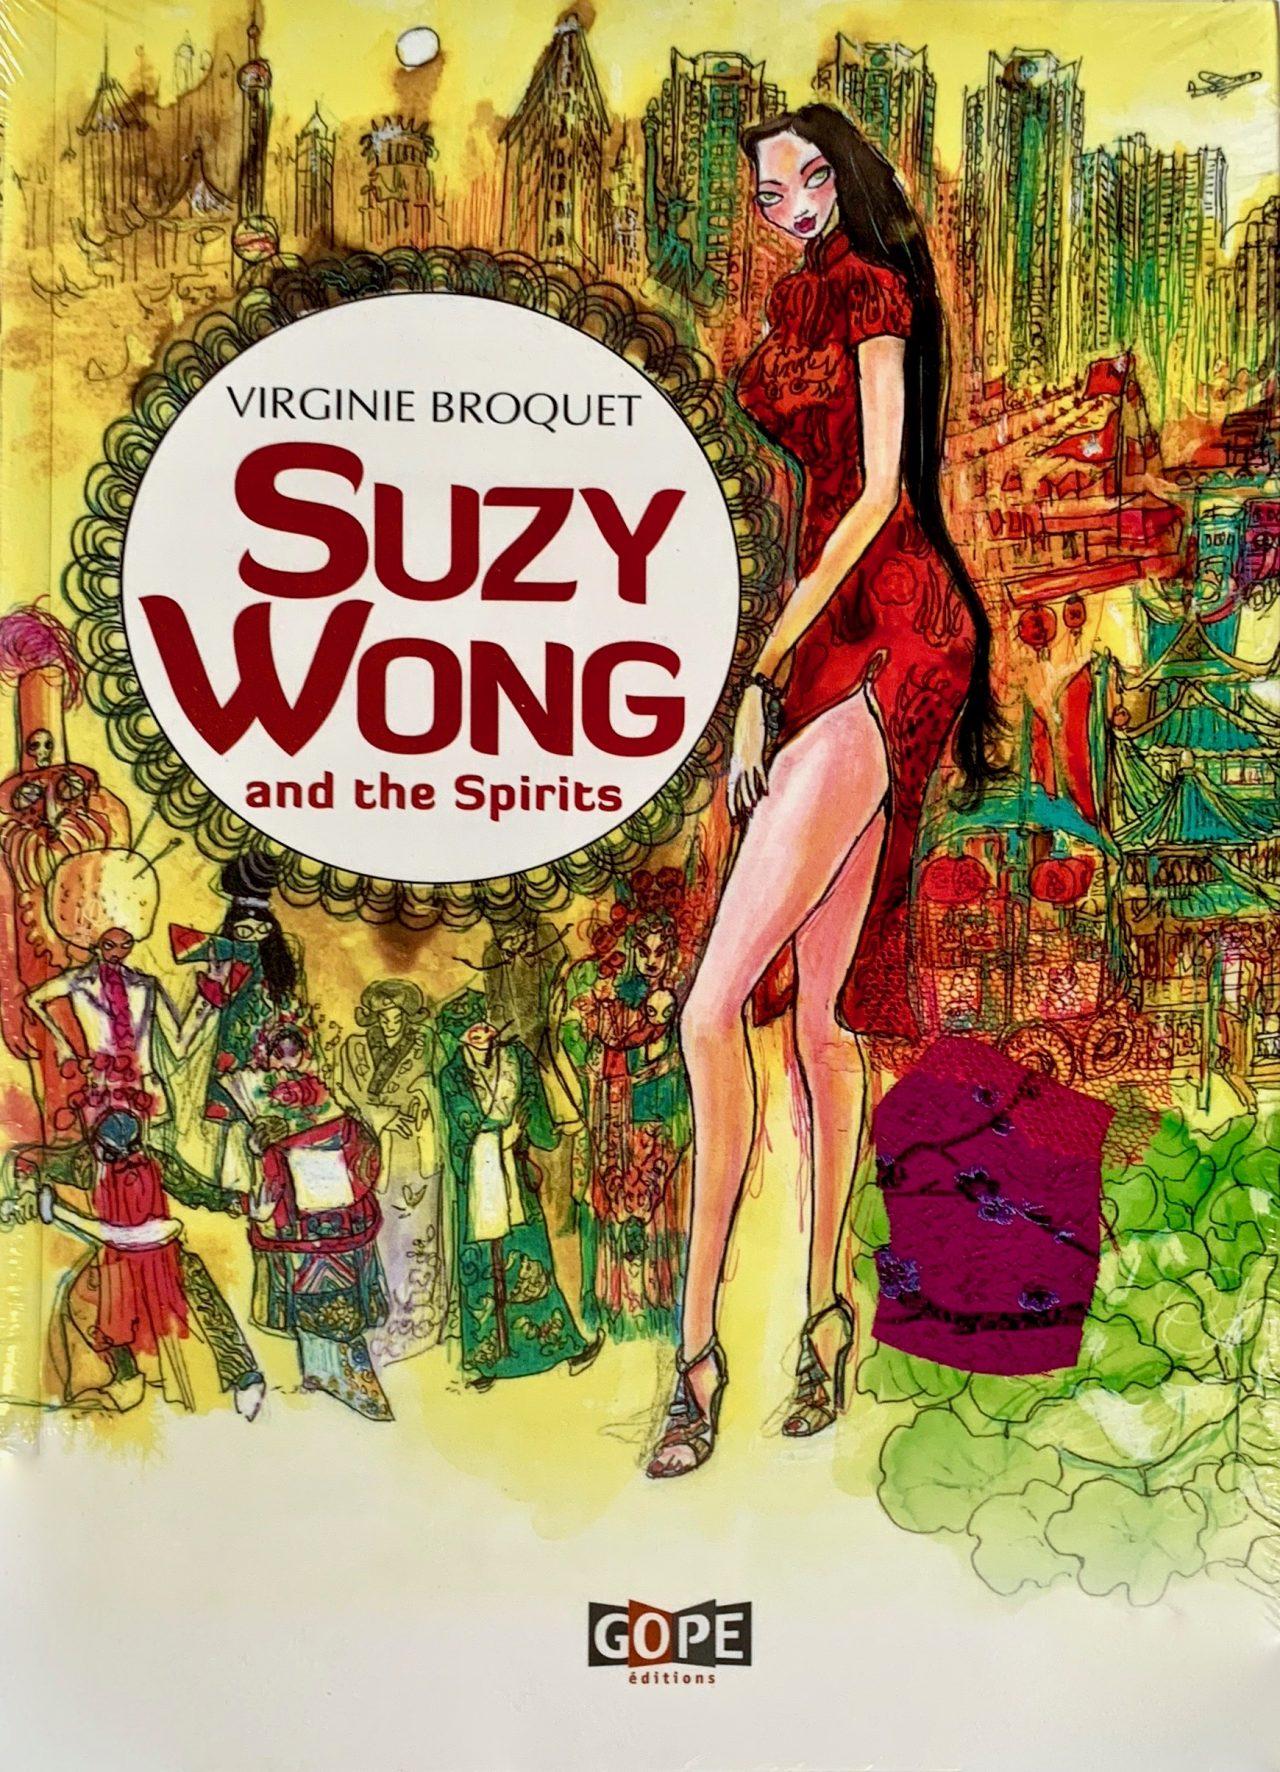 5 Suzy Wong et les esprits, éditions Gope, 2014